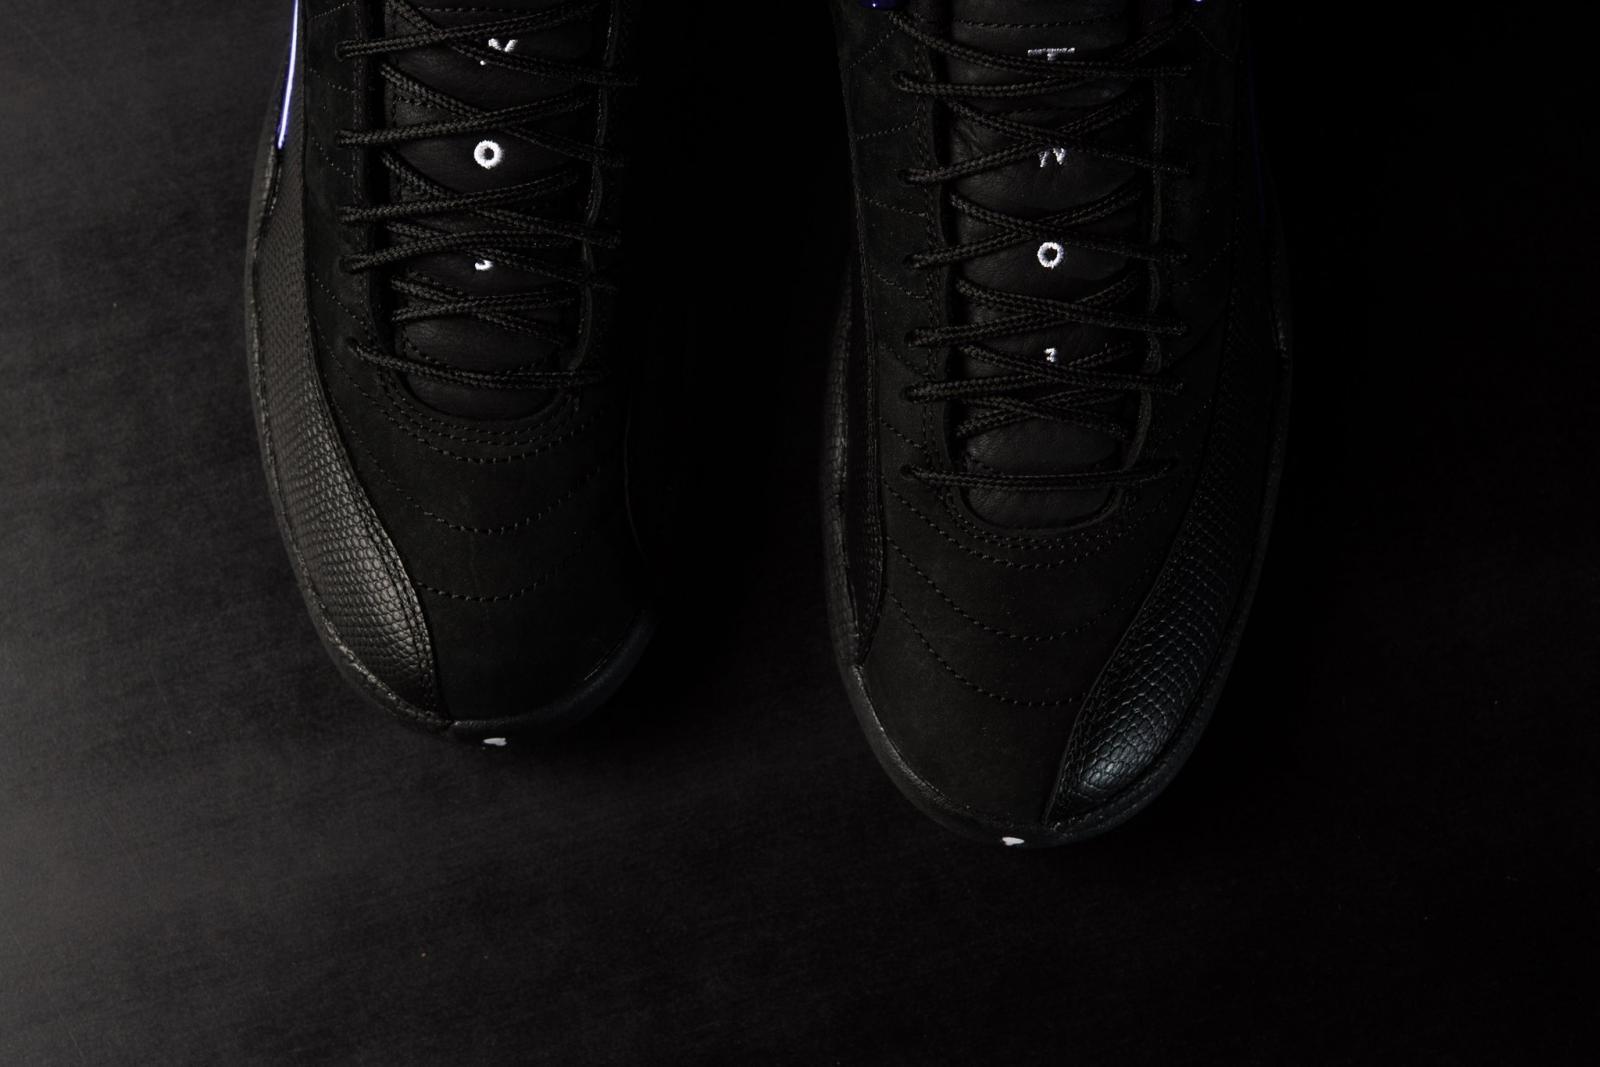 实拍展示全新黑/暗紫色Air Jordan 12 Retro